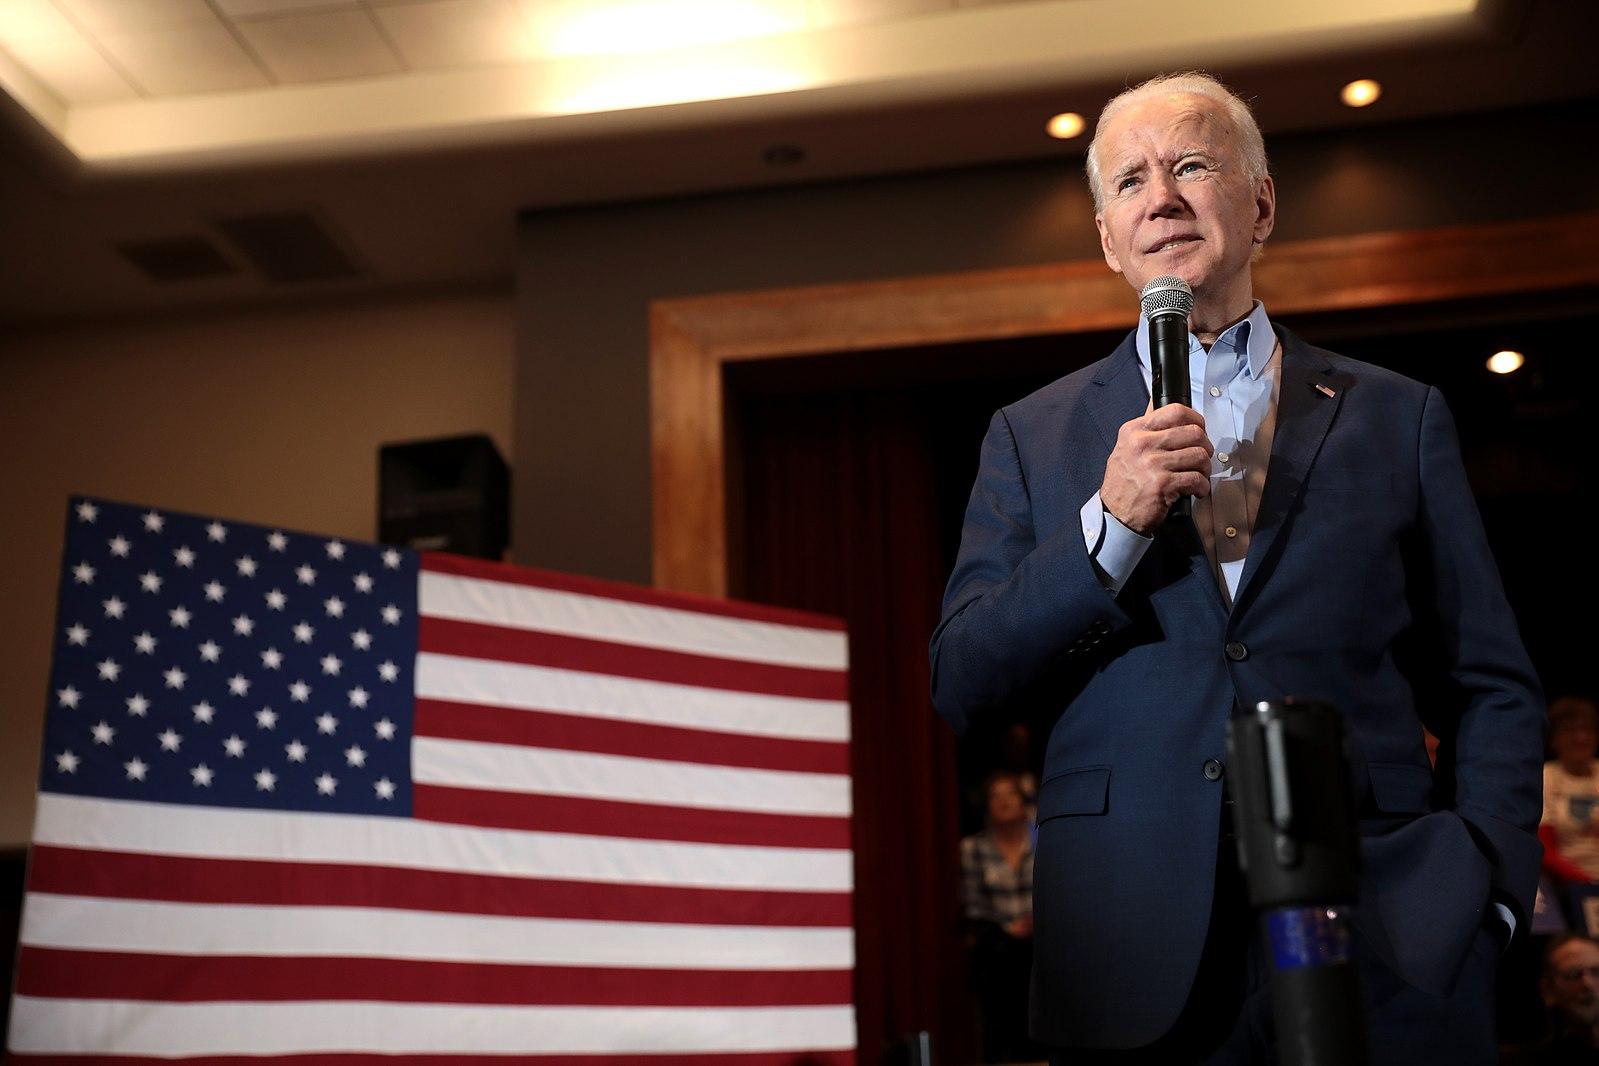 La politica internazionale dell'America di Joe Biden. Intervista a Gabriele Natalizia - Geopolitica.info